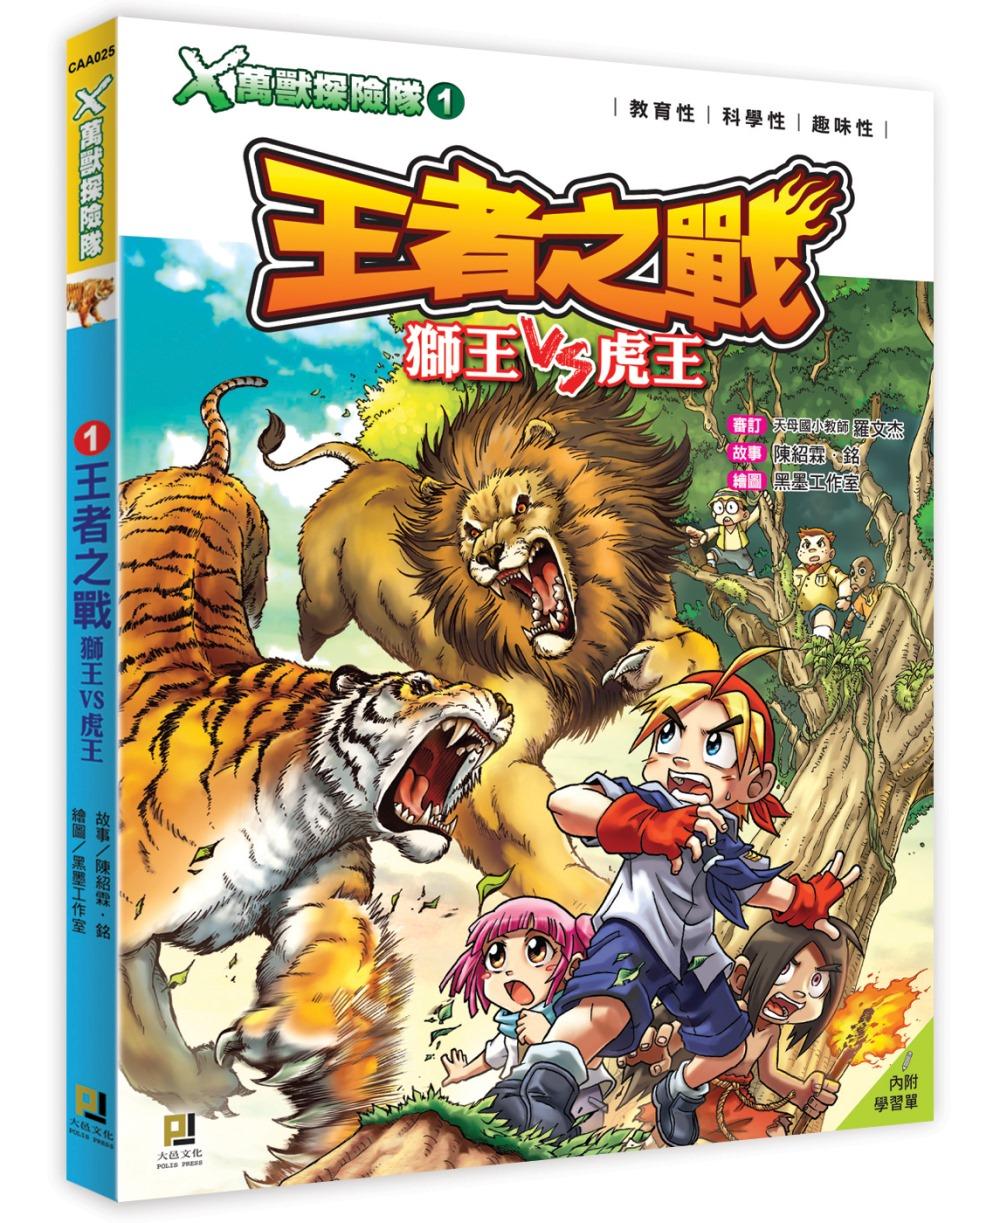 X萬獸探險隊:(1) 王者之戰 獅王...